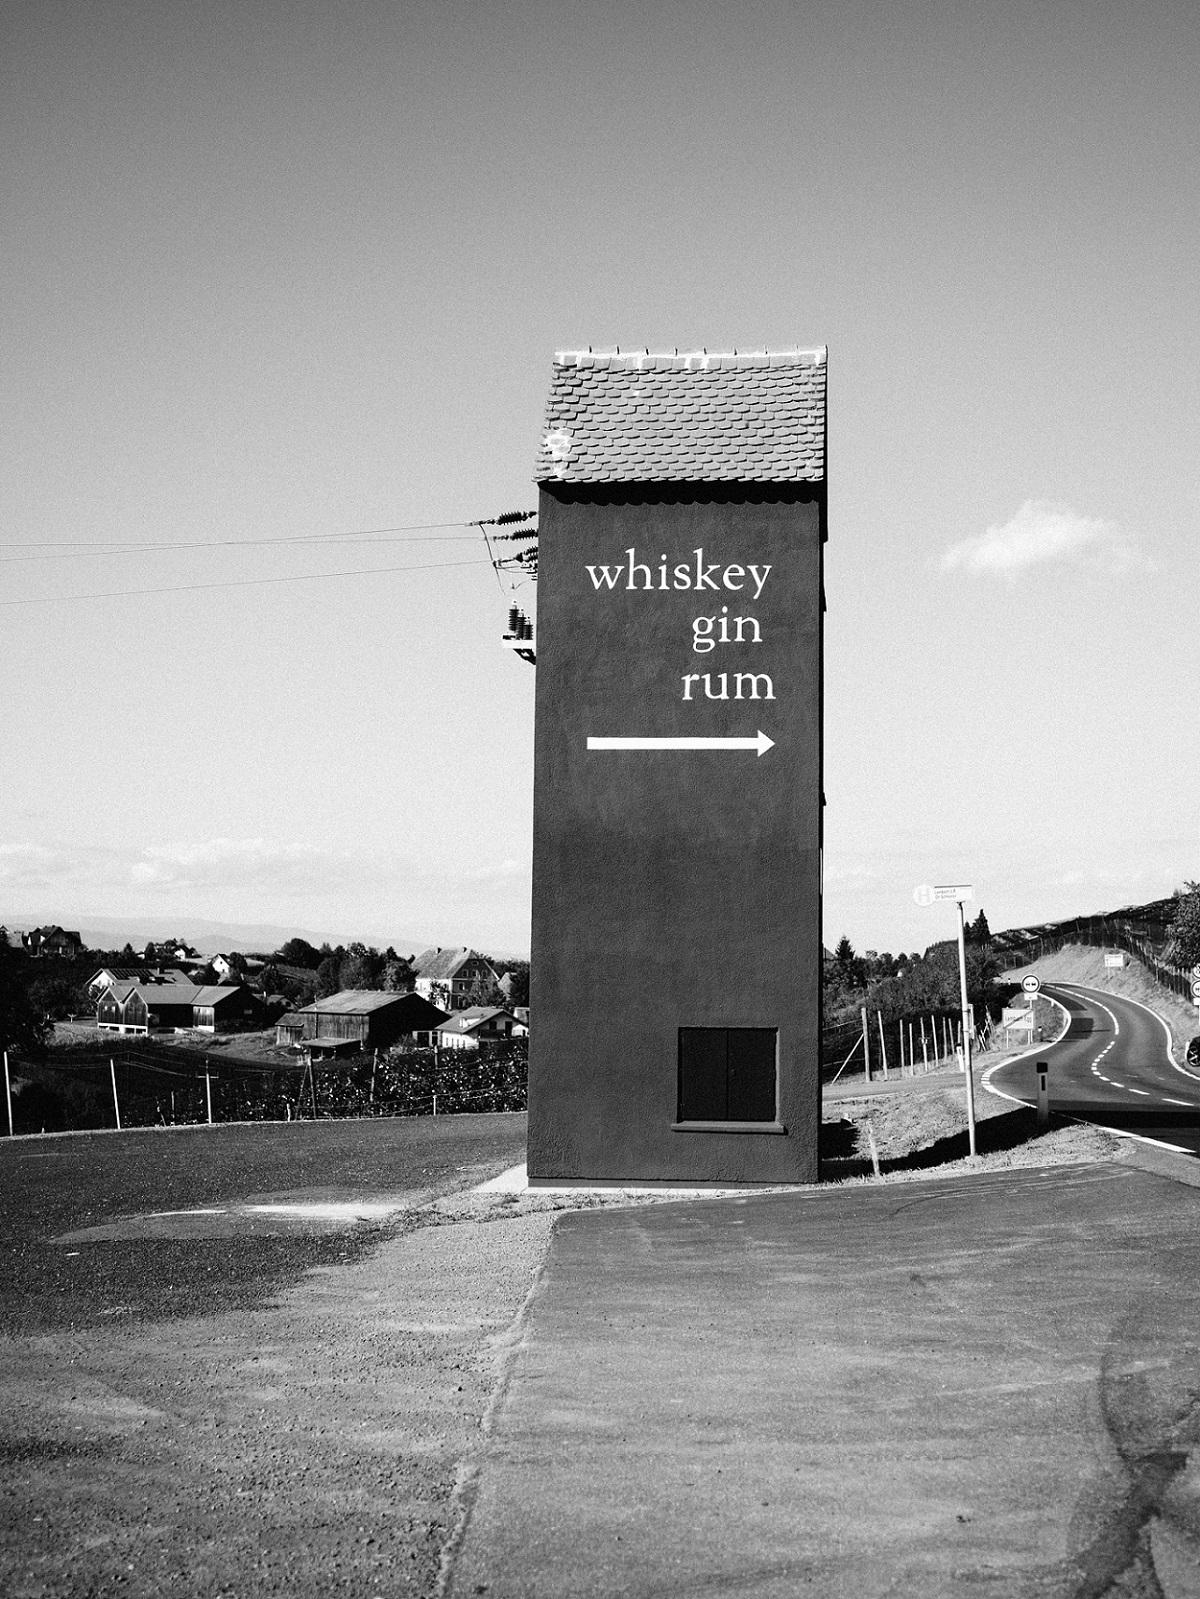 Whiskey Gin Rum